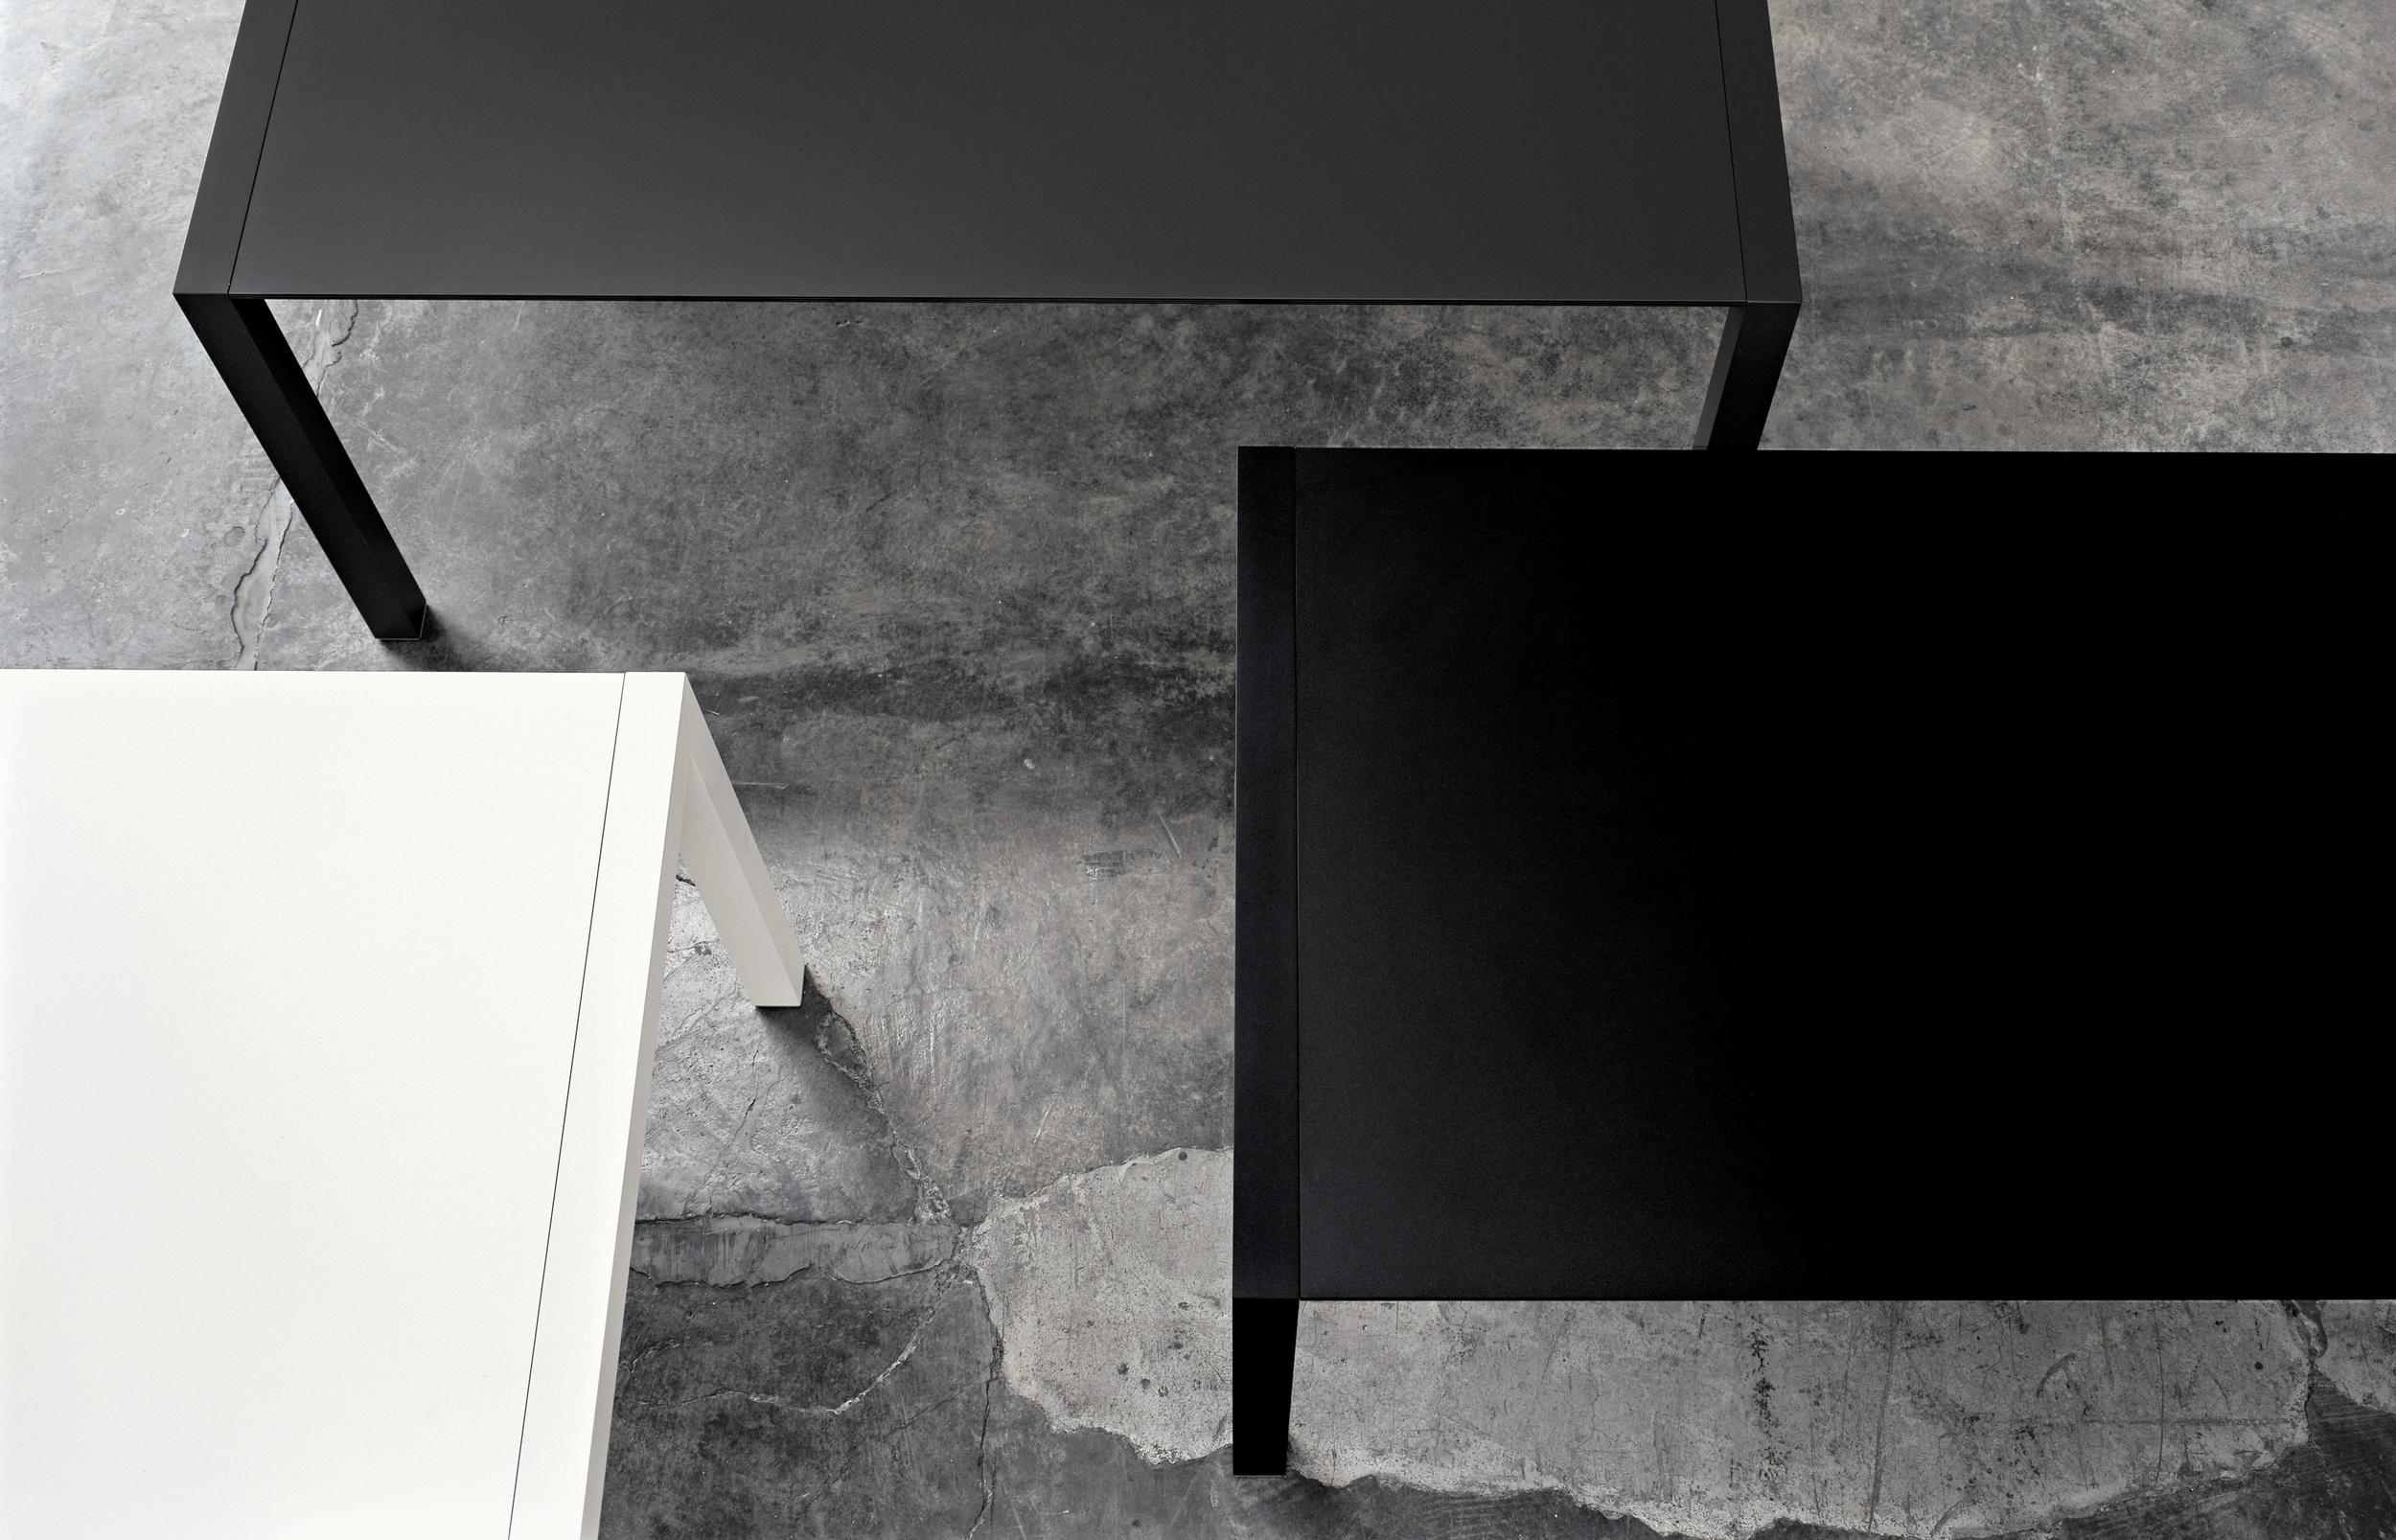 sushi Kristalia Verdeler Loncin design verlengbare tafel meubel zetel Leuven Brussels mechelen antwerpen vlaams-branbant Limburg Hasselt Tongeren Genk Sint-Truiden Zoutleeuw.jpg